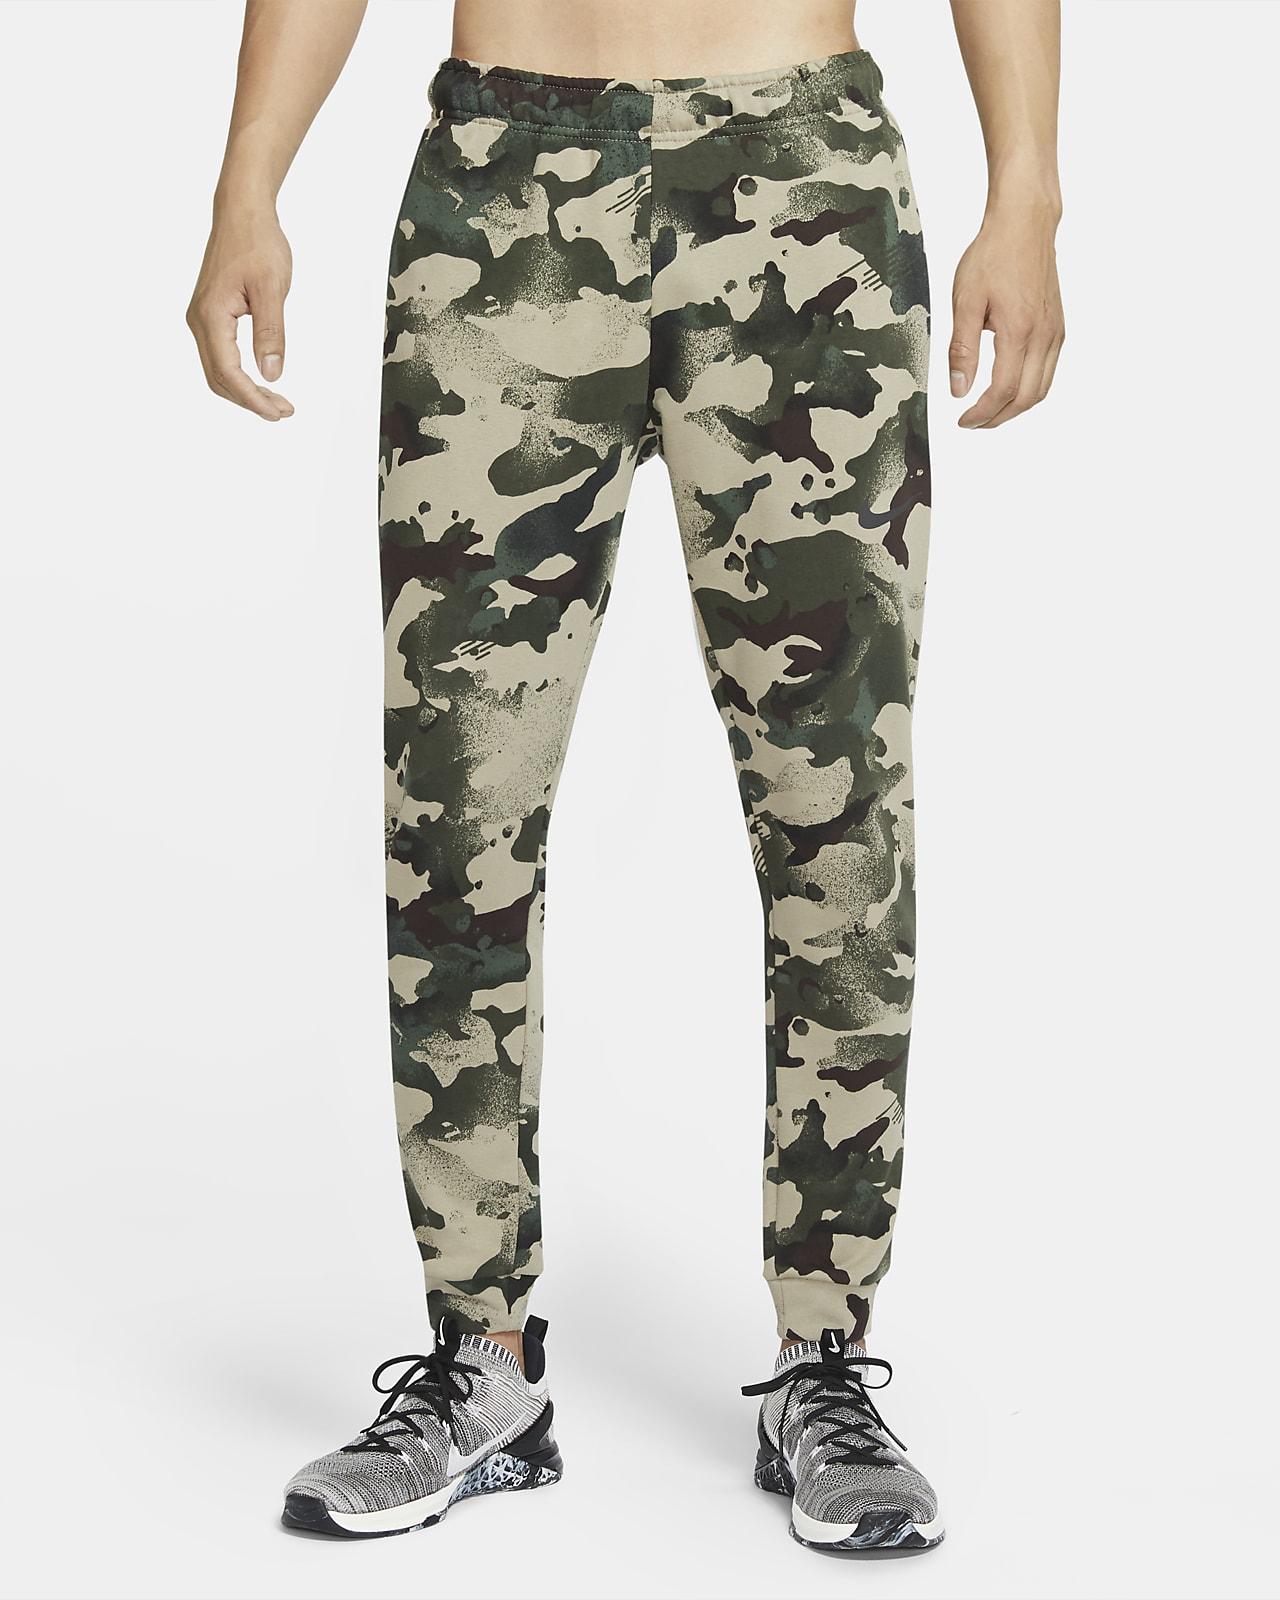 Ανδρικό παντελόνι προπόνησης με μοτίβο παραλλαγής Nike Dri-FIT